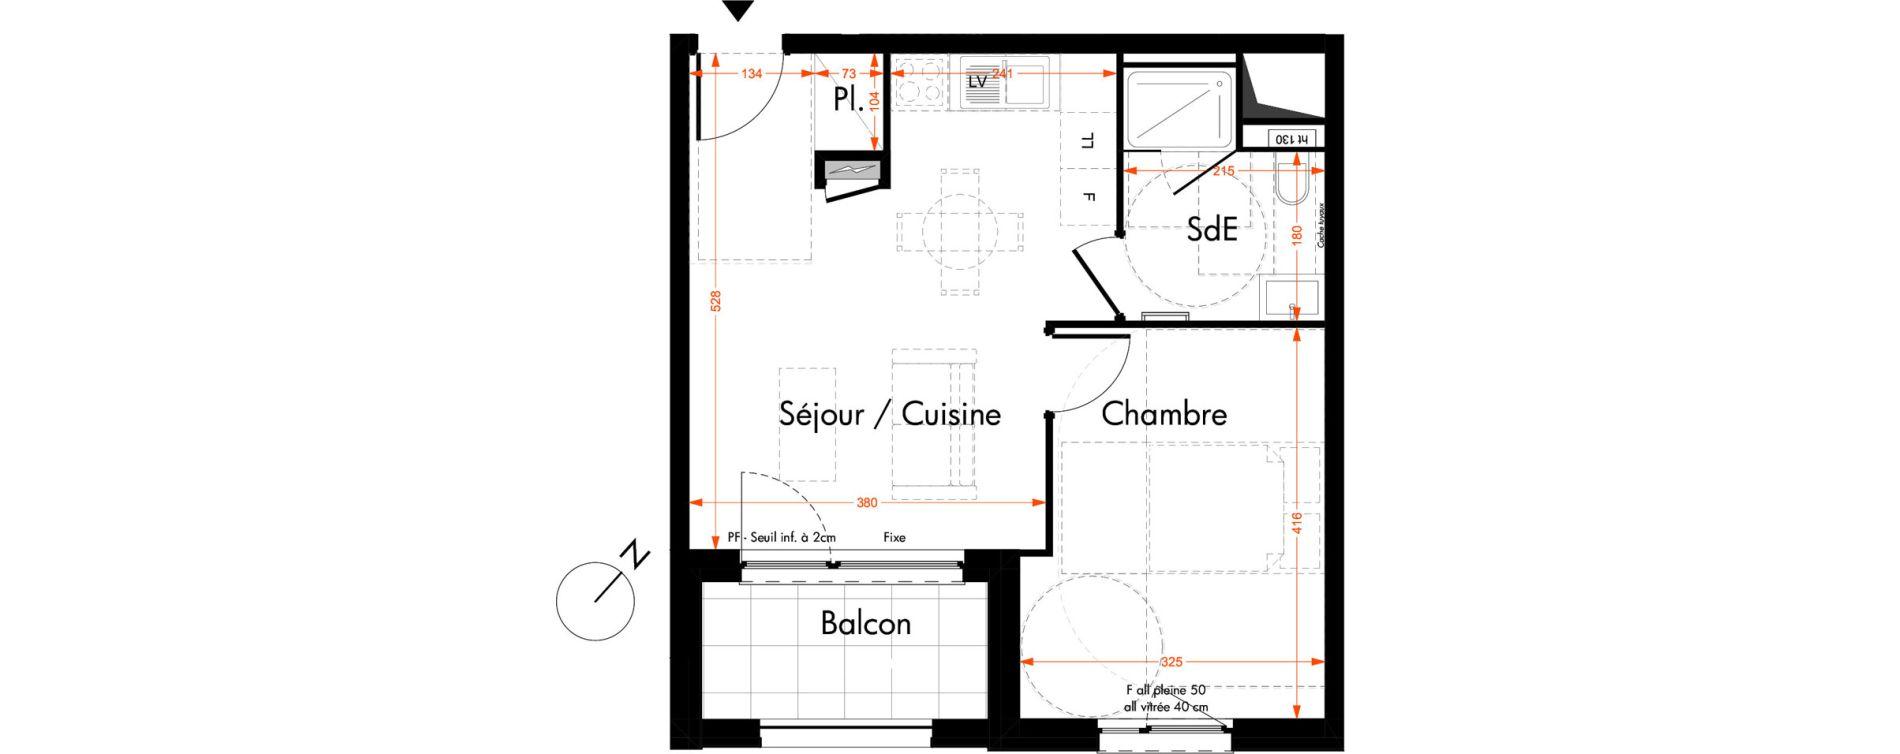 Appartement T2 de 39,50 m2 à Oberhausbergen Centre